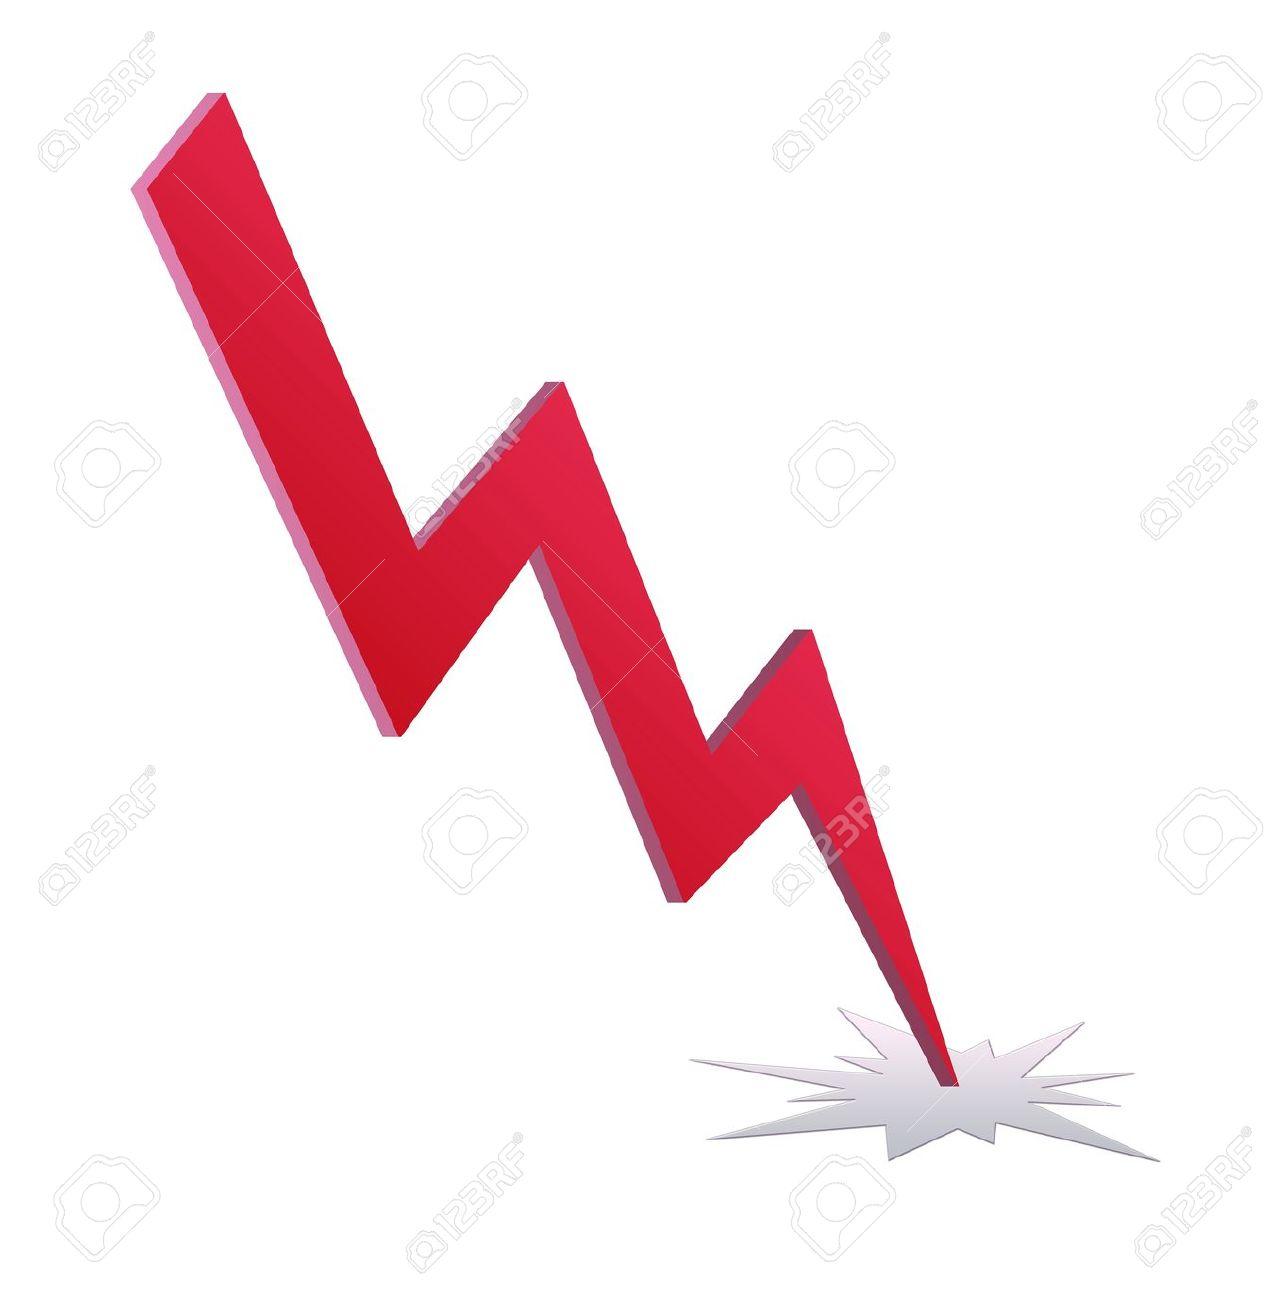 1287x1300 Red Lightning Bolt Symbol